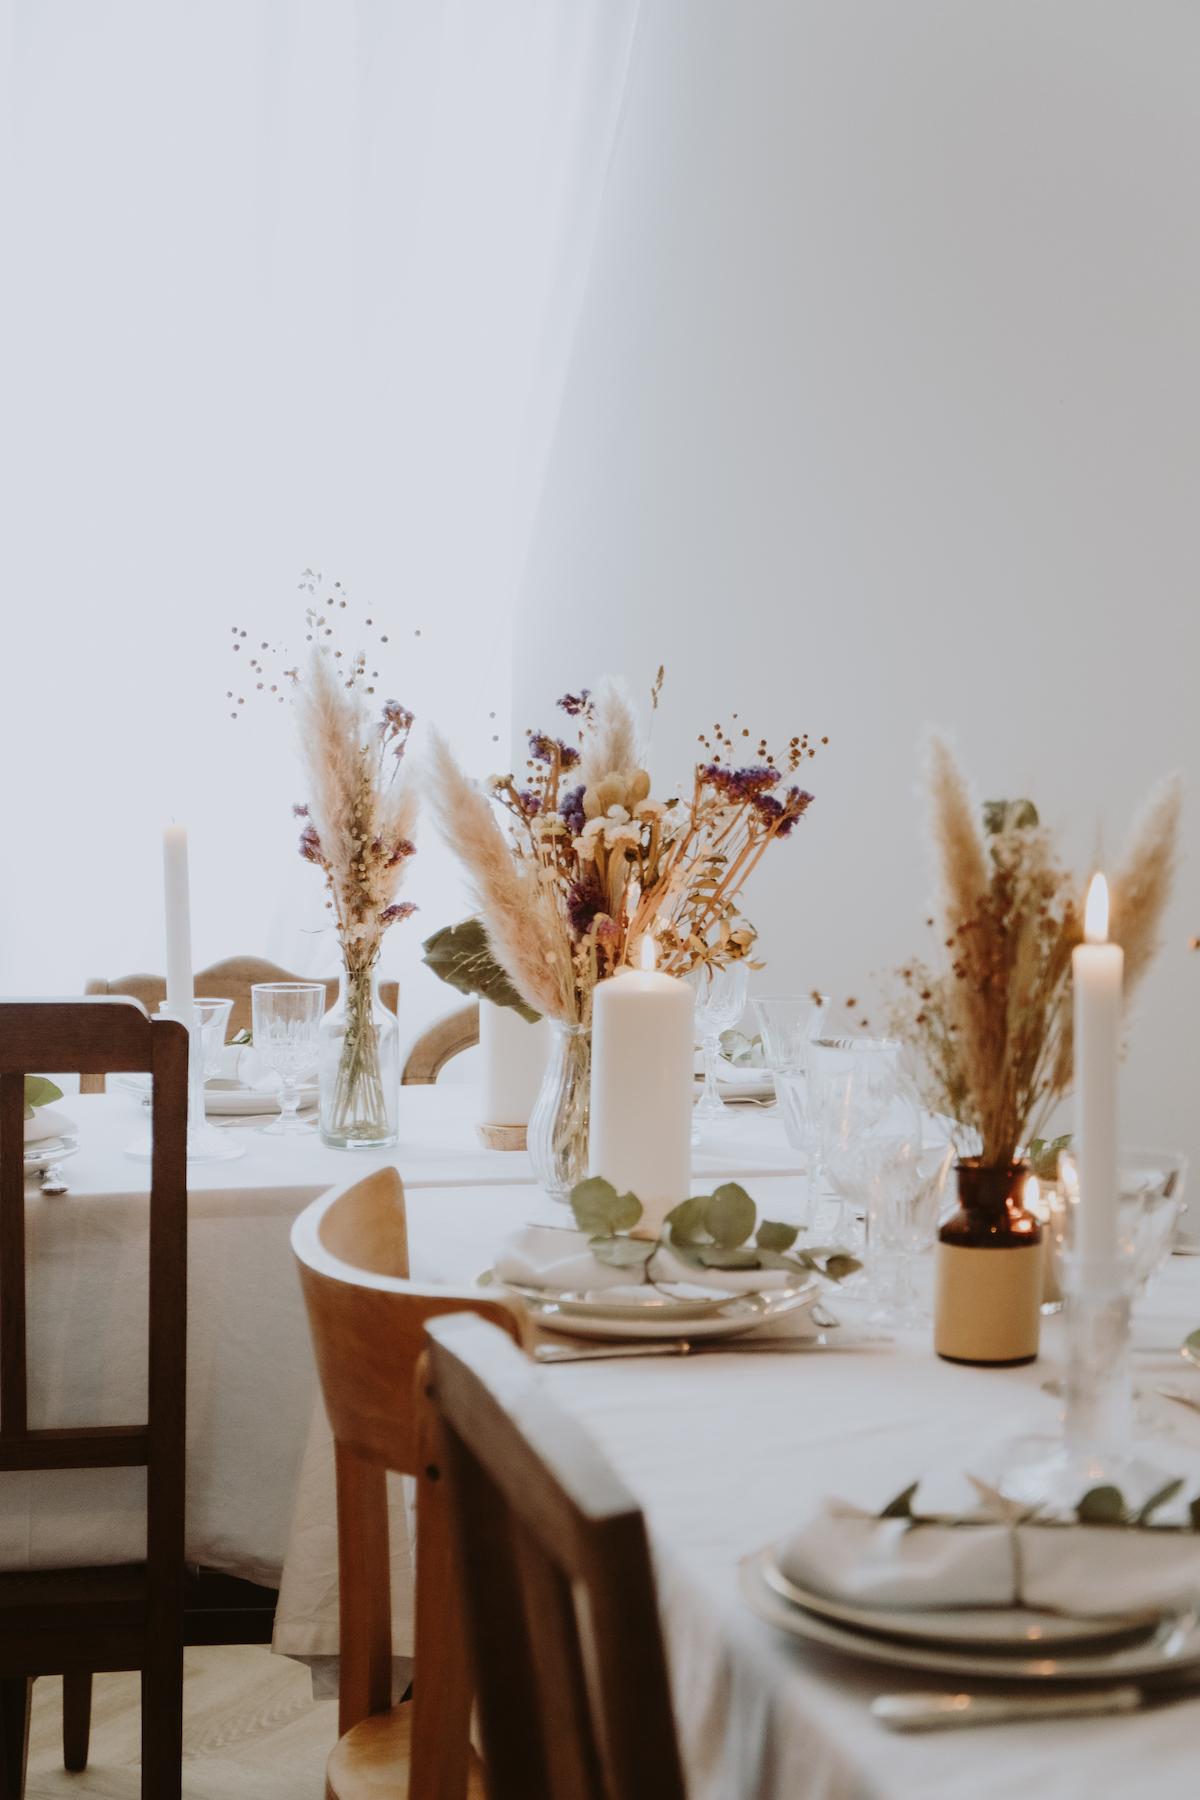 mariage boheme decoration florale tables